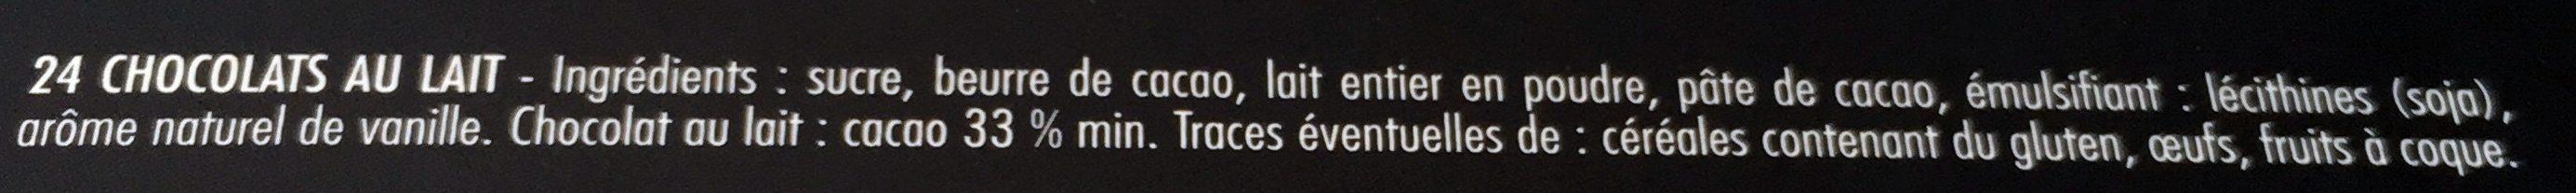 Calendrier de l'avent Conforama - Ingrédients - fr